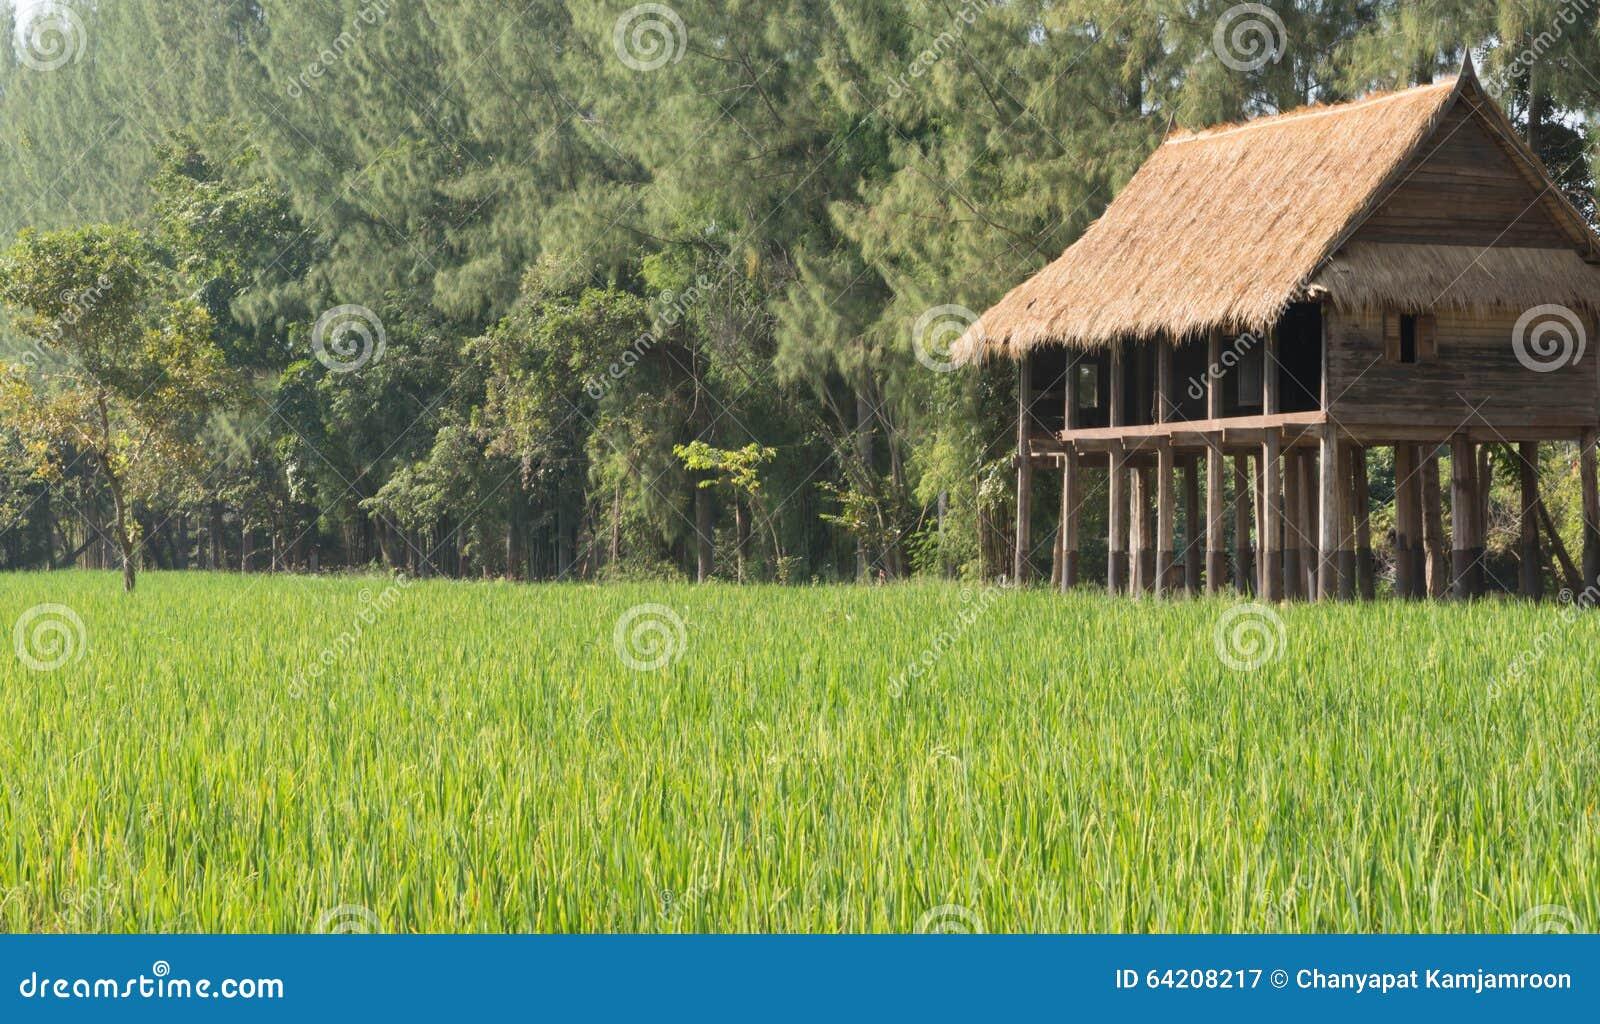 Casa por el campo de Tailandia rural